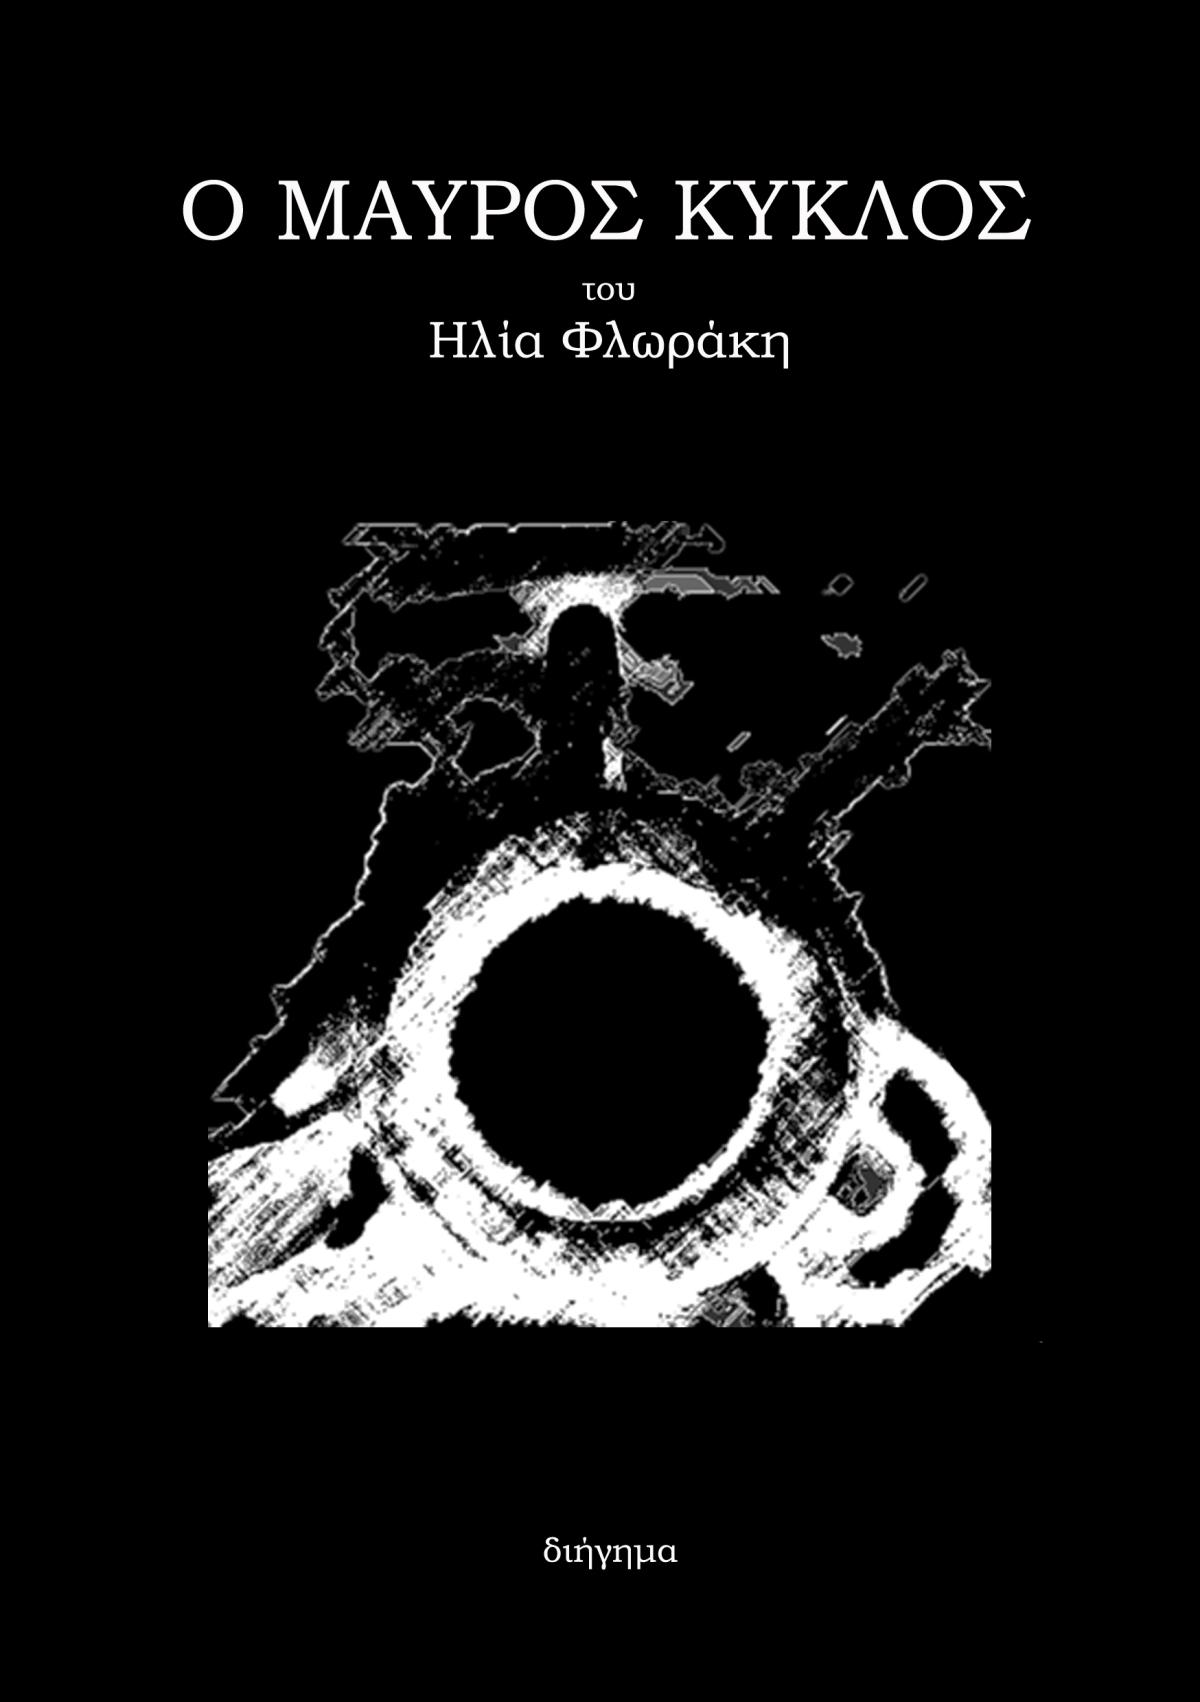 Μαύρος Κύκλος (2011)e-book